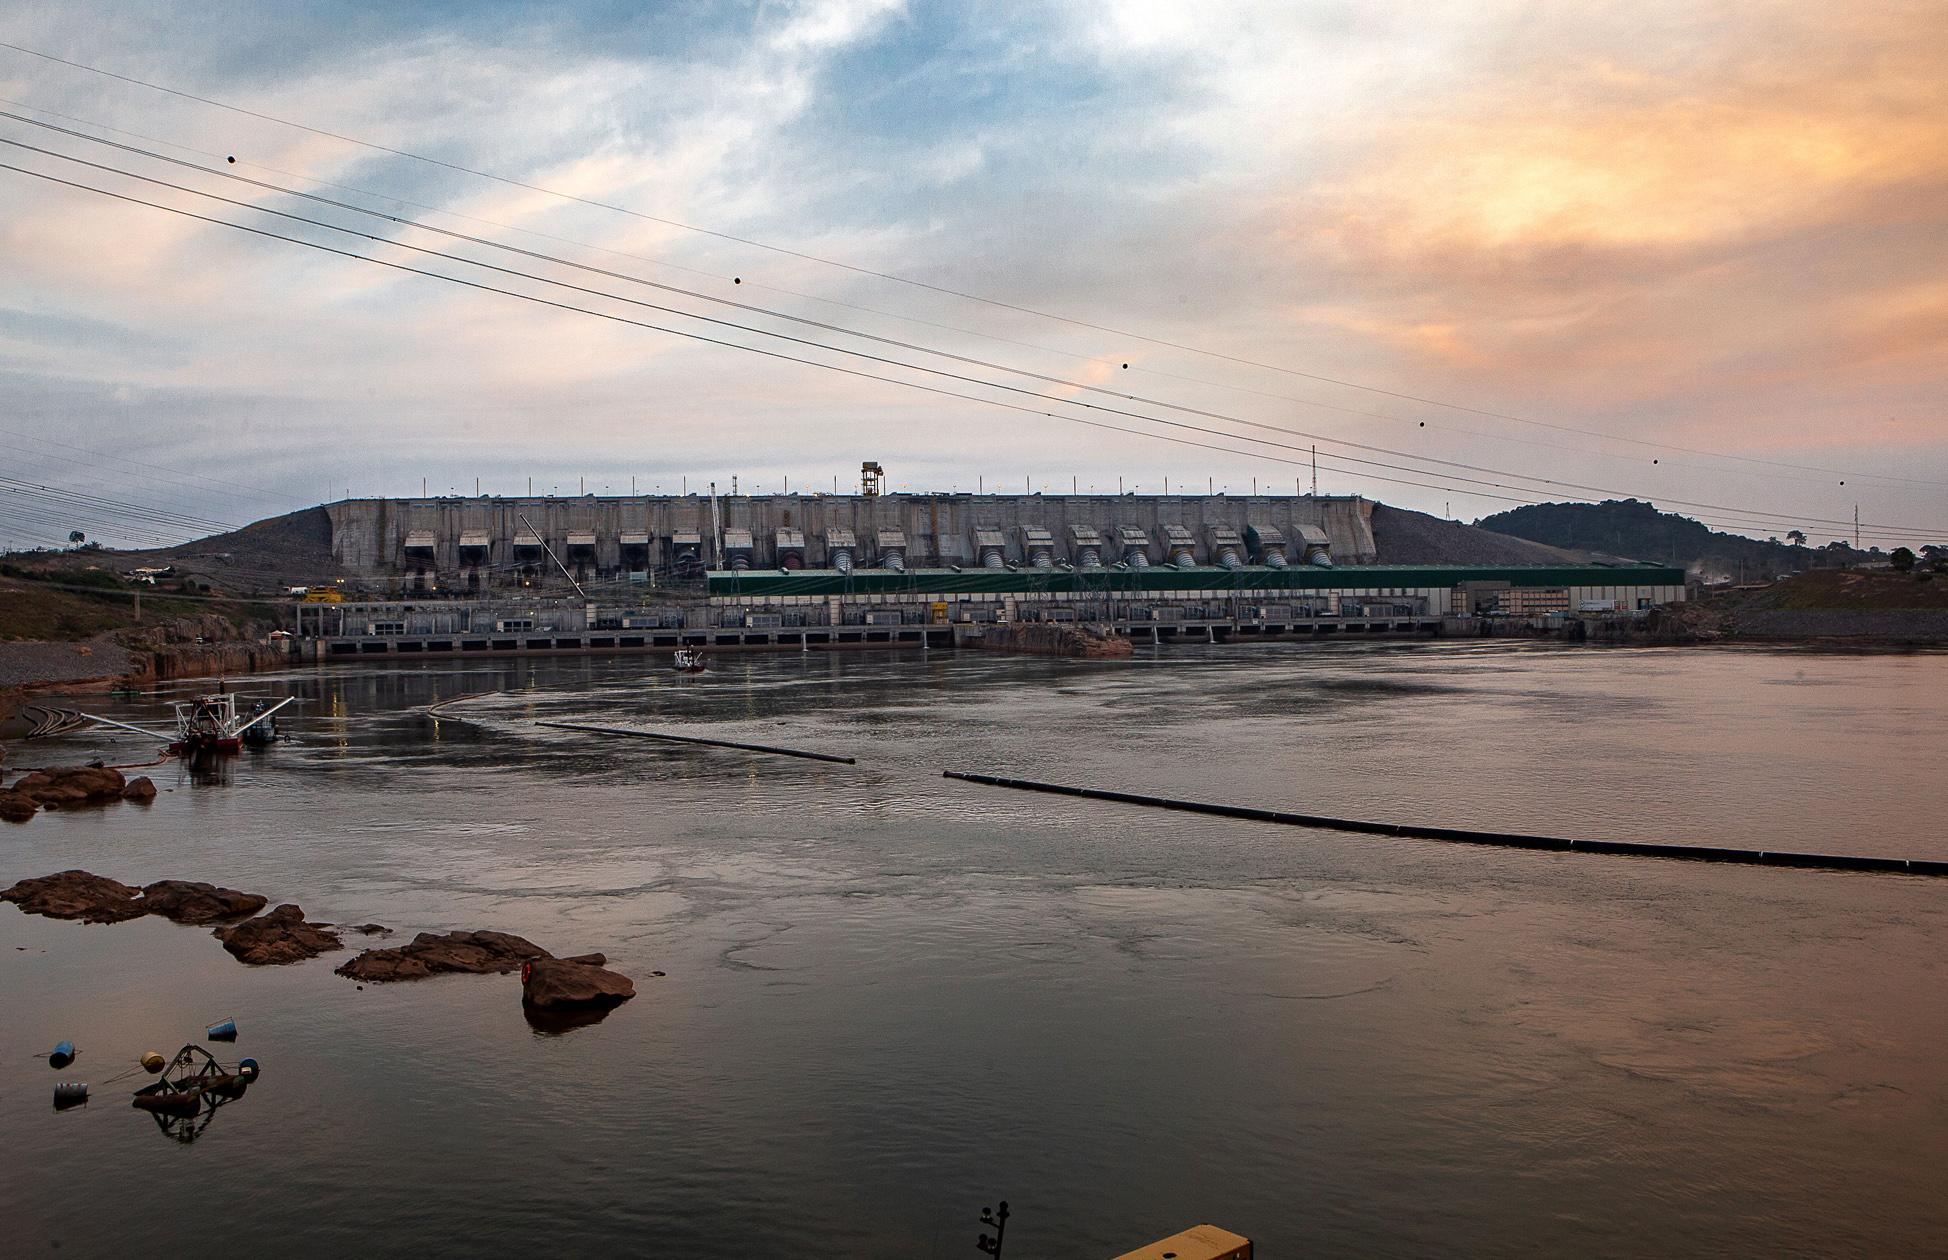 Justiça ambiental e barragens amazônicas: 11 – Suspensões de segurança